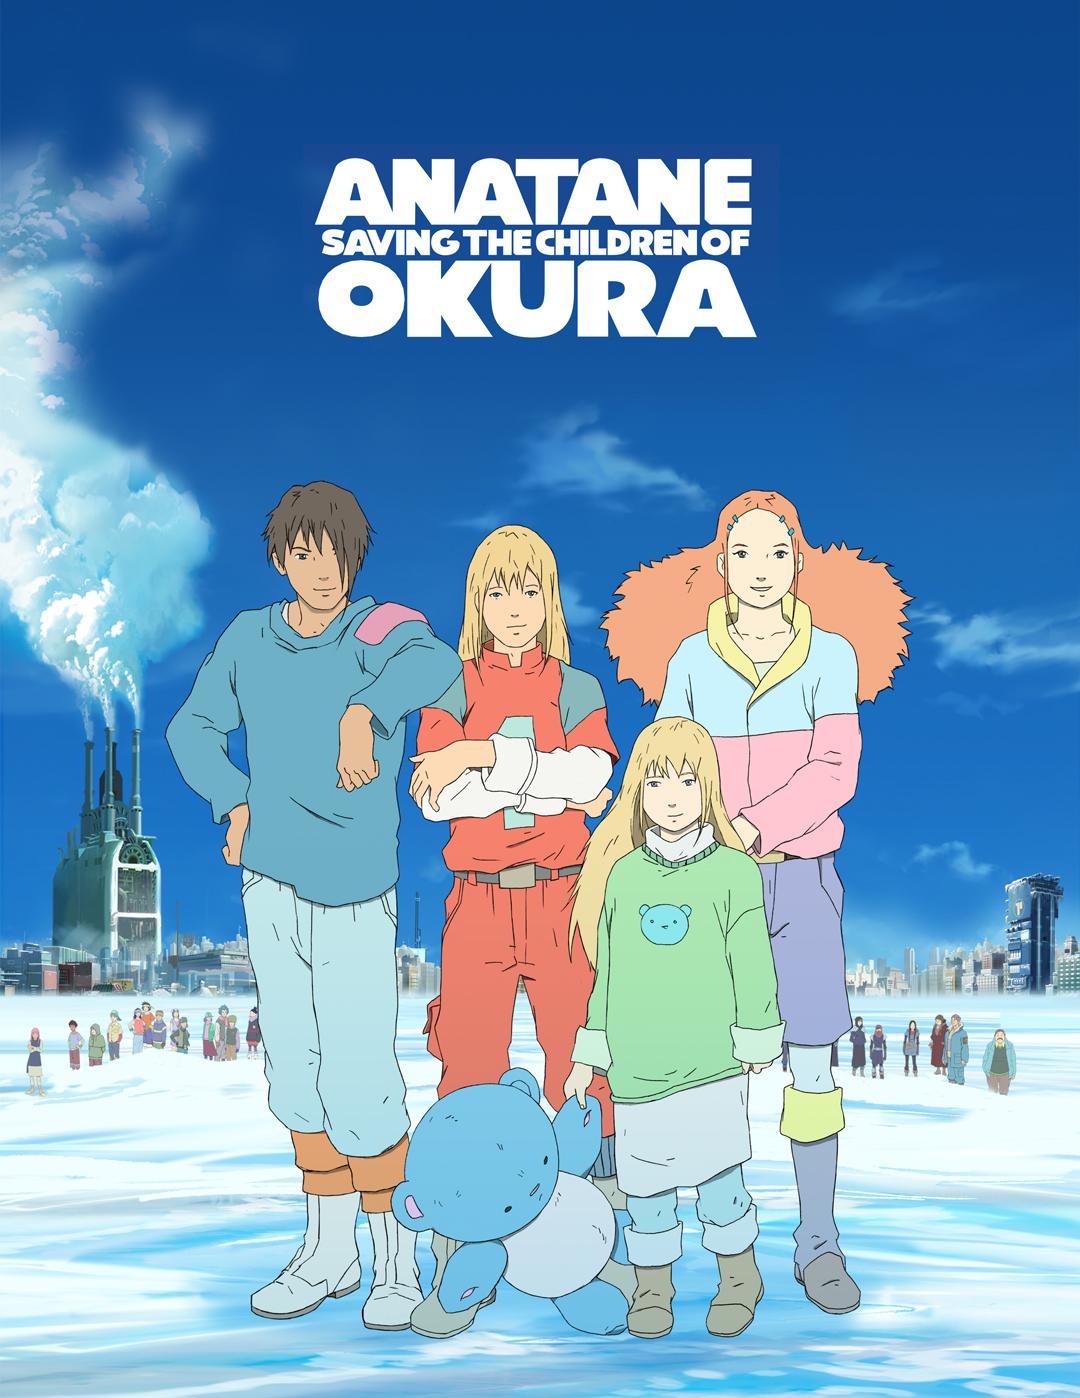 Anatane-saving-the-children-of-Okura-Poster.jpg